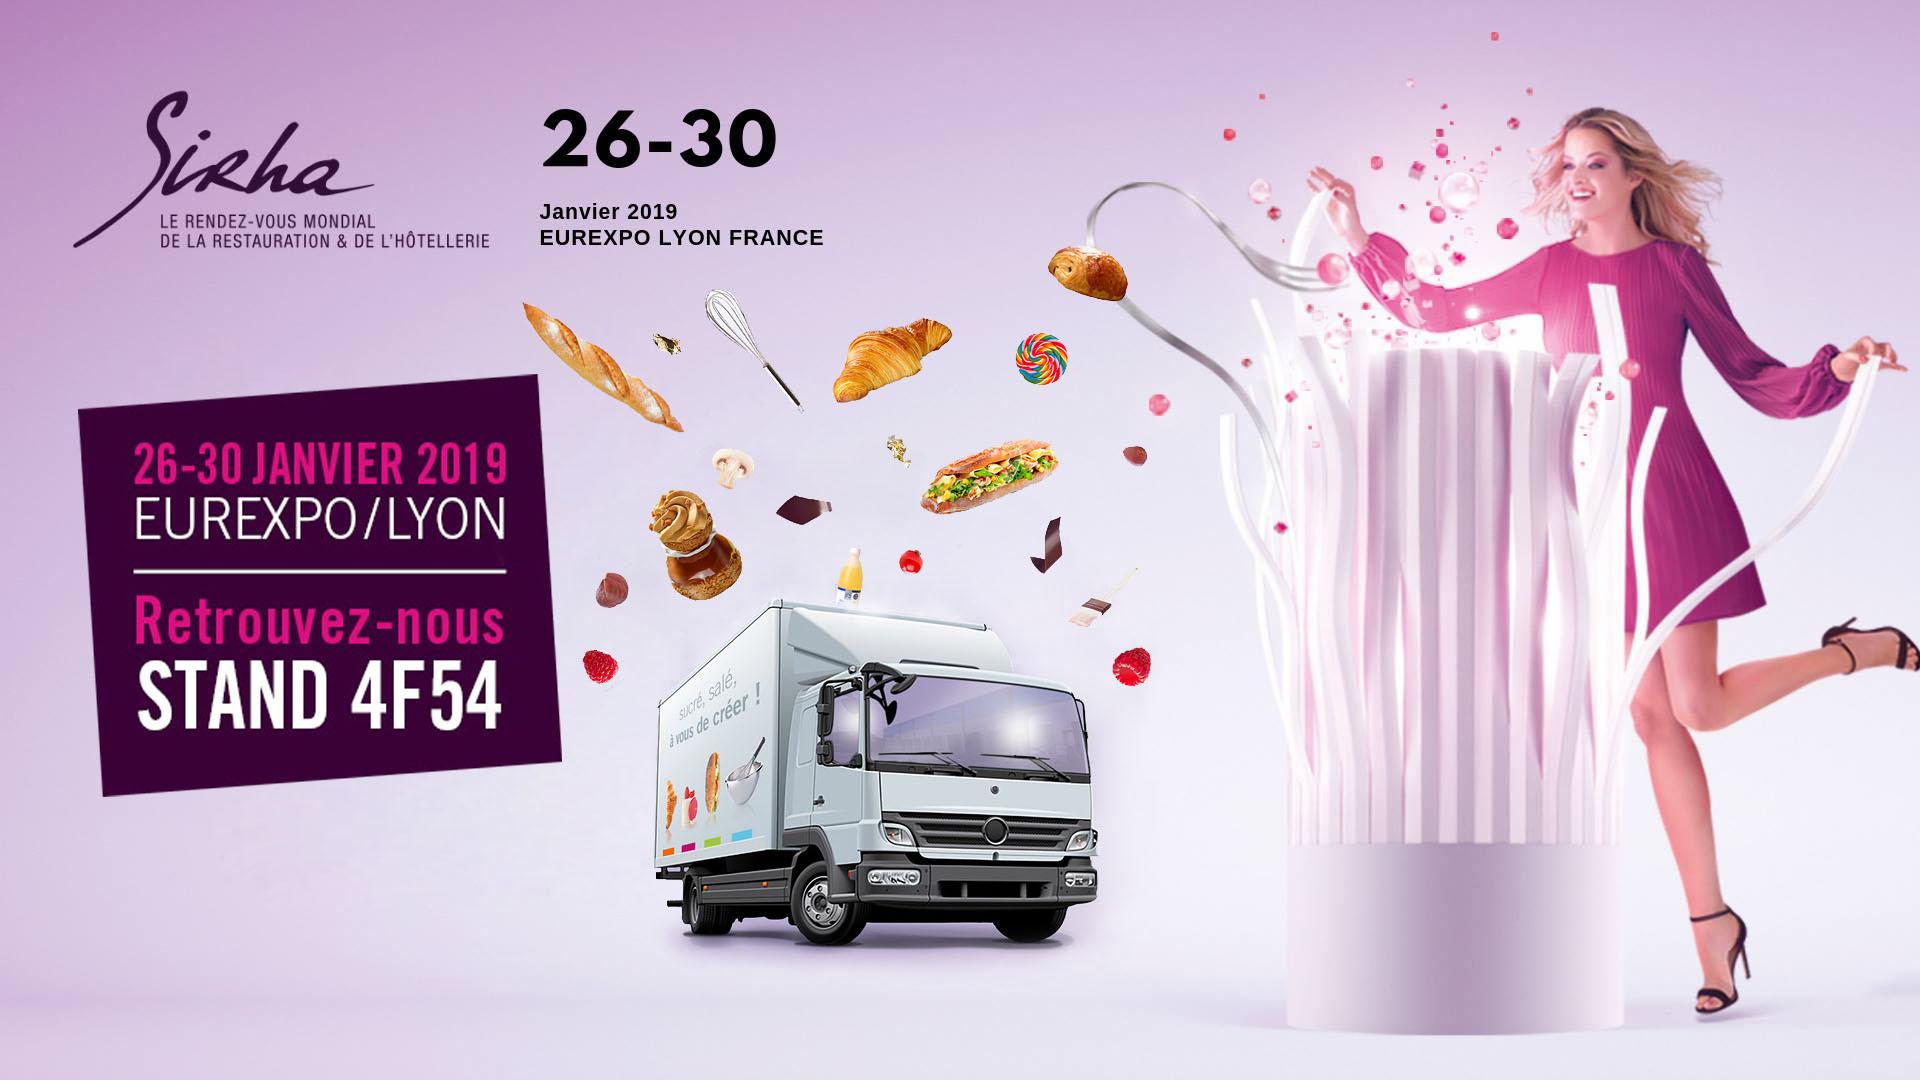 SIRHA du 26 au 30 janvier 2019   Eurexpo à Lyon